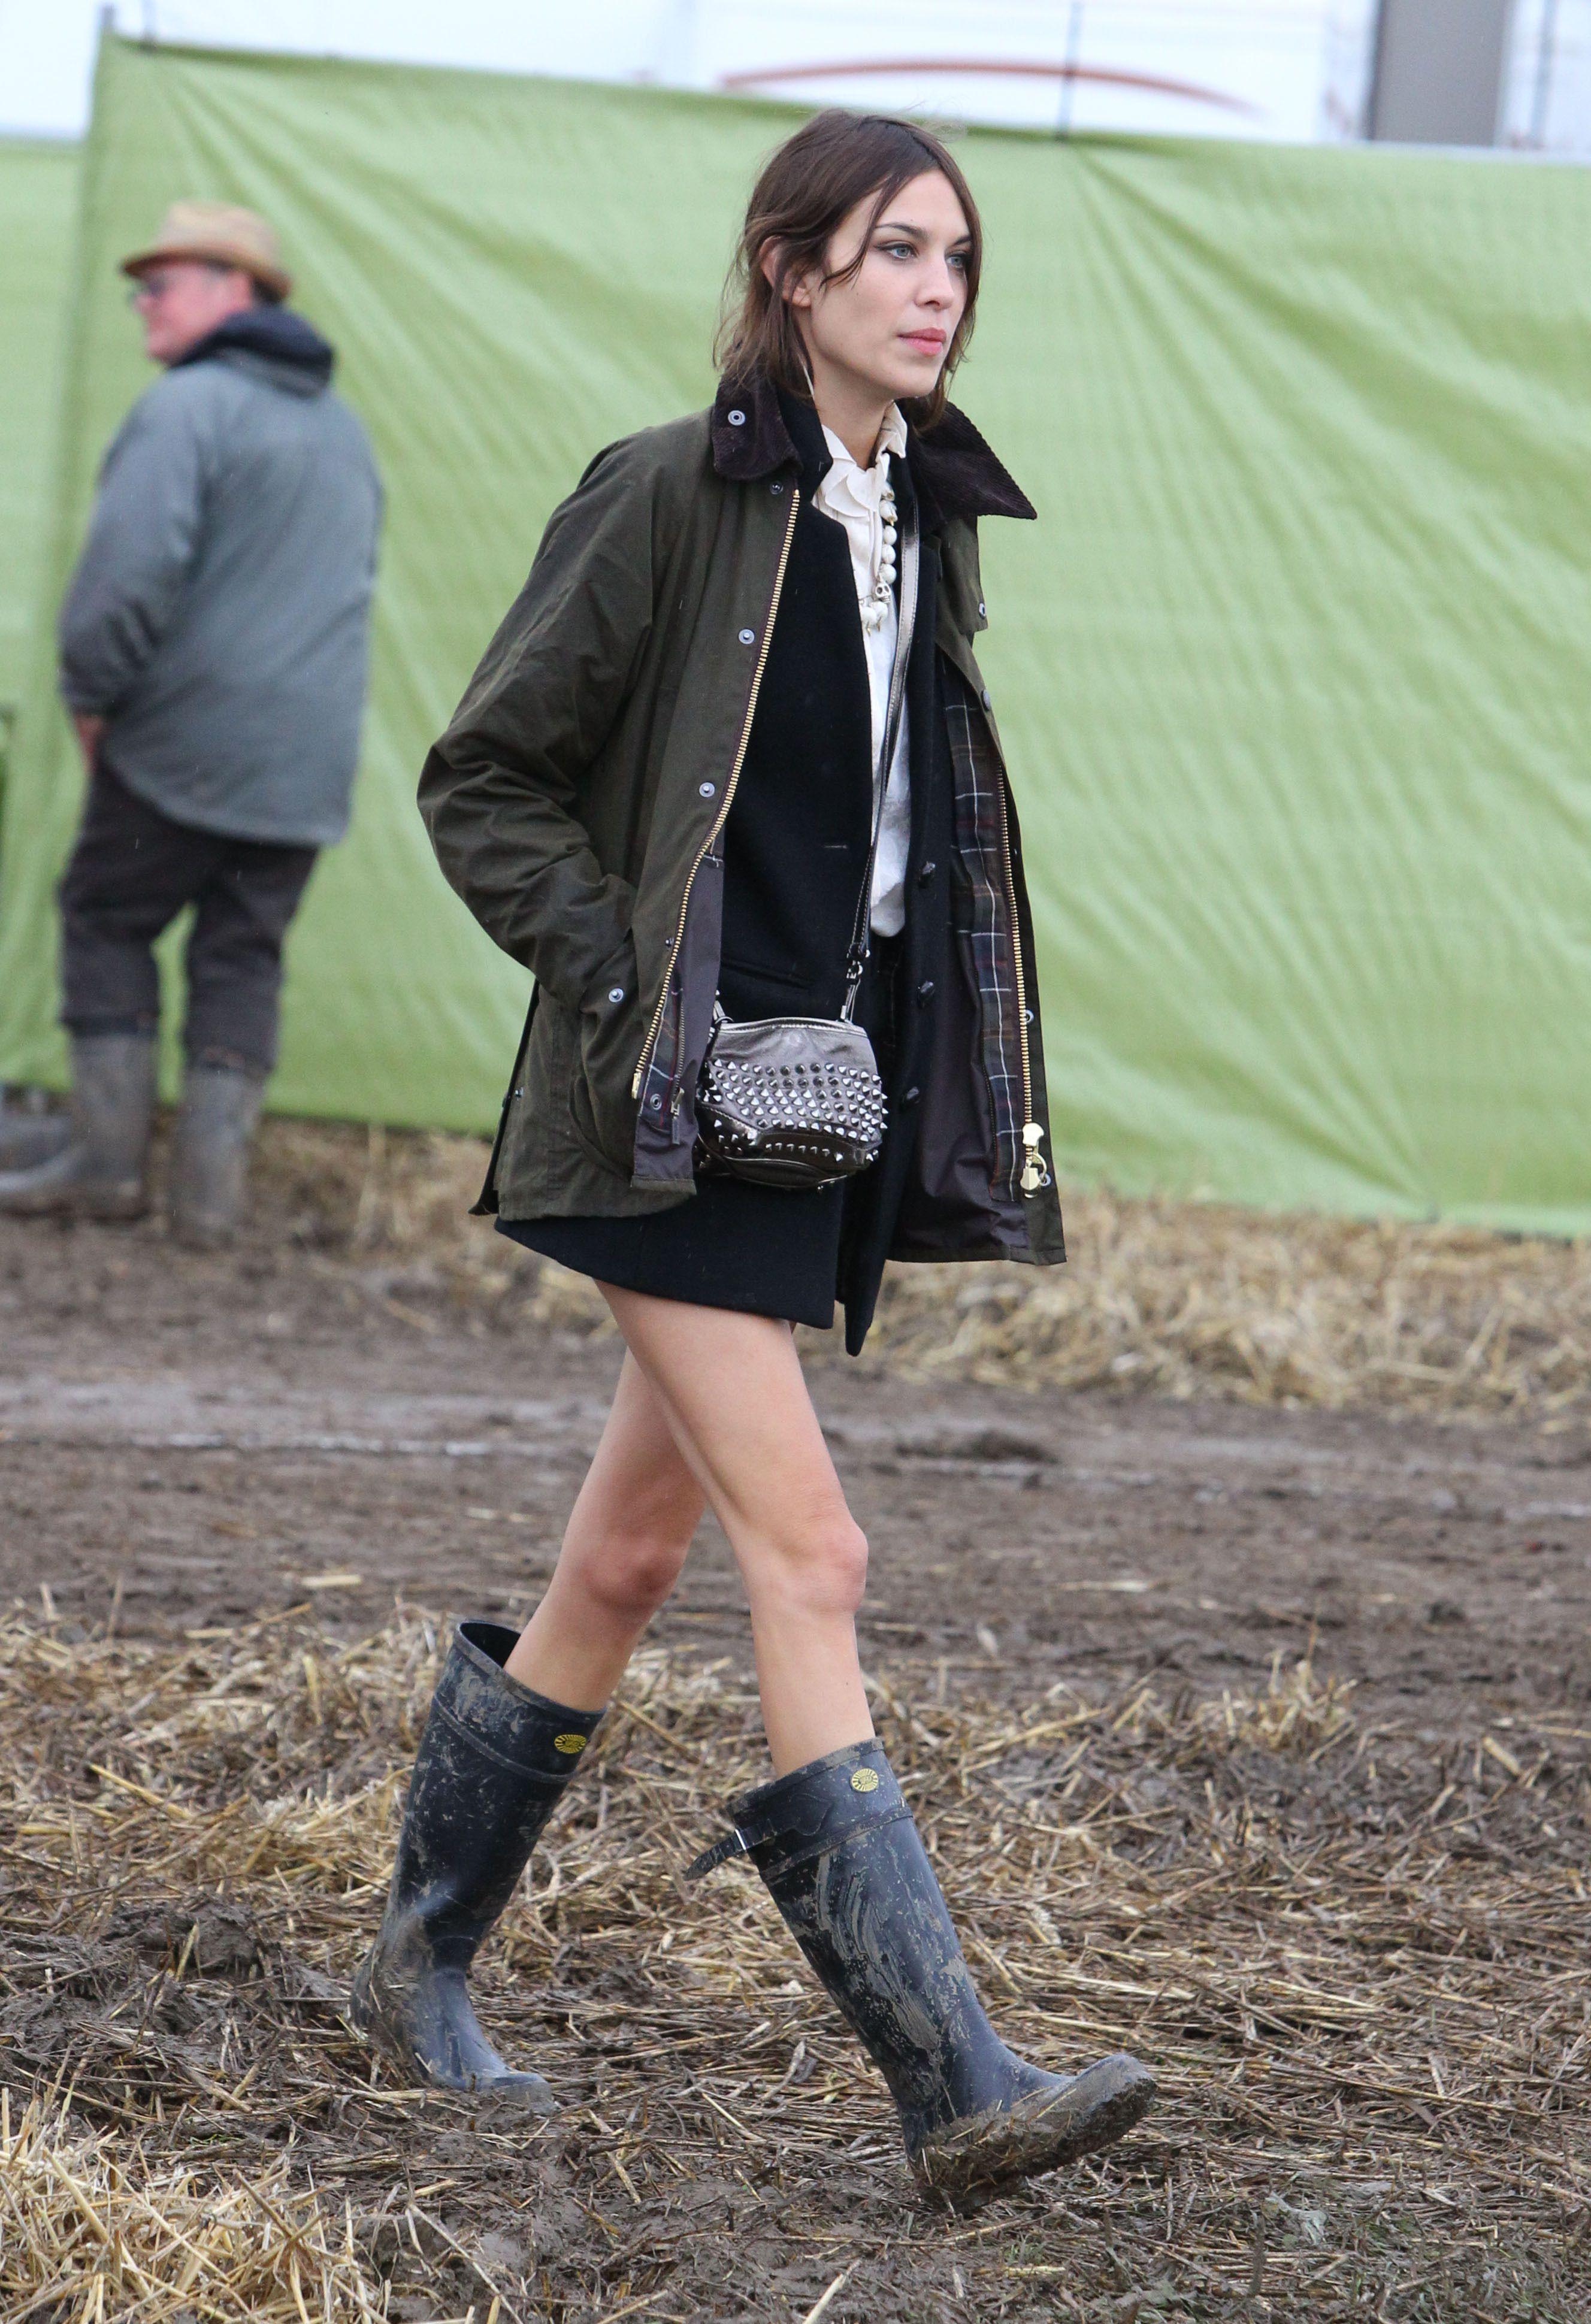 pics Alexa Chung, Kate Moss, and More Up For British FashionAward